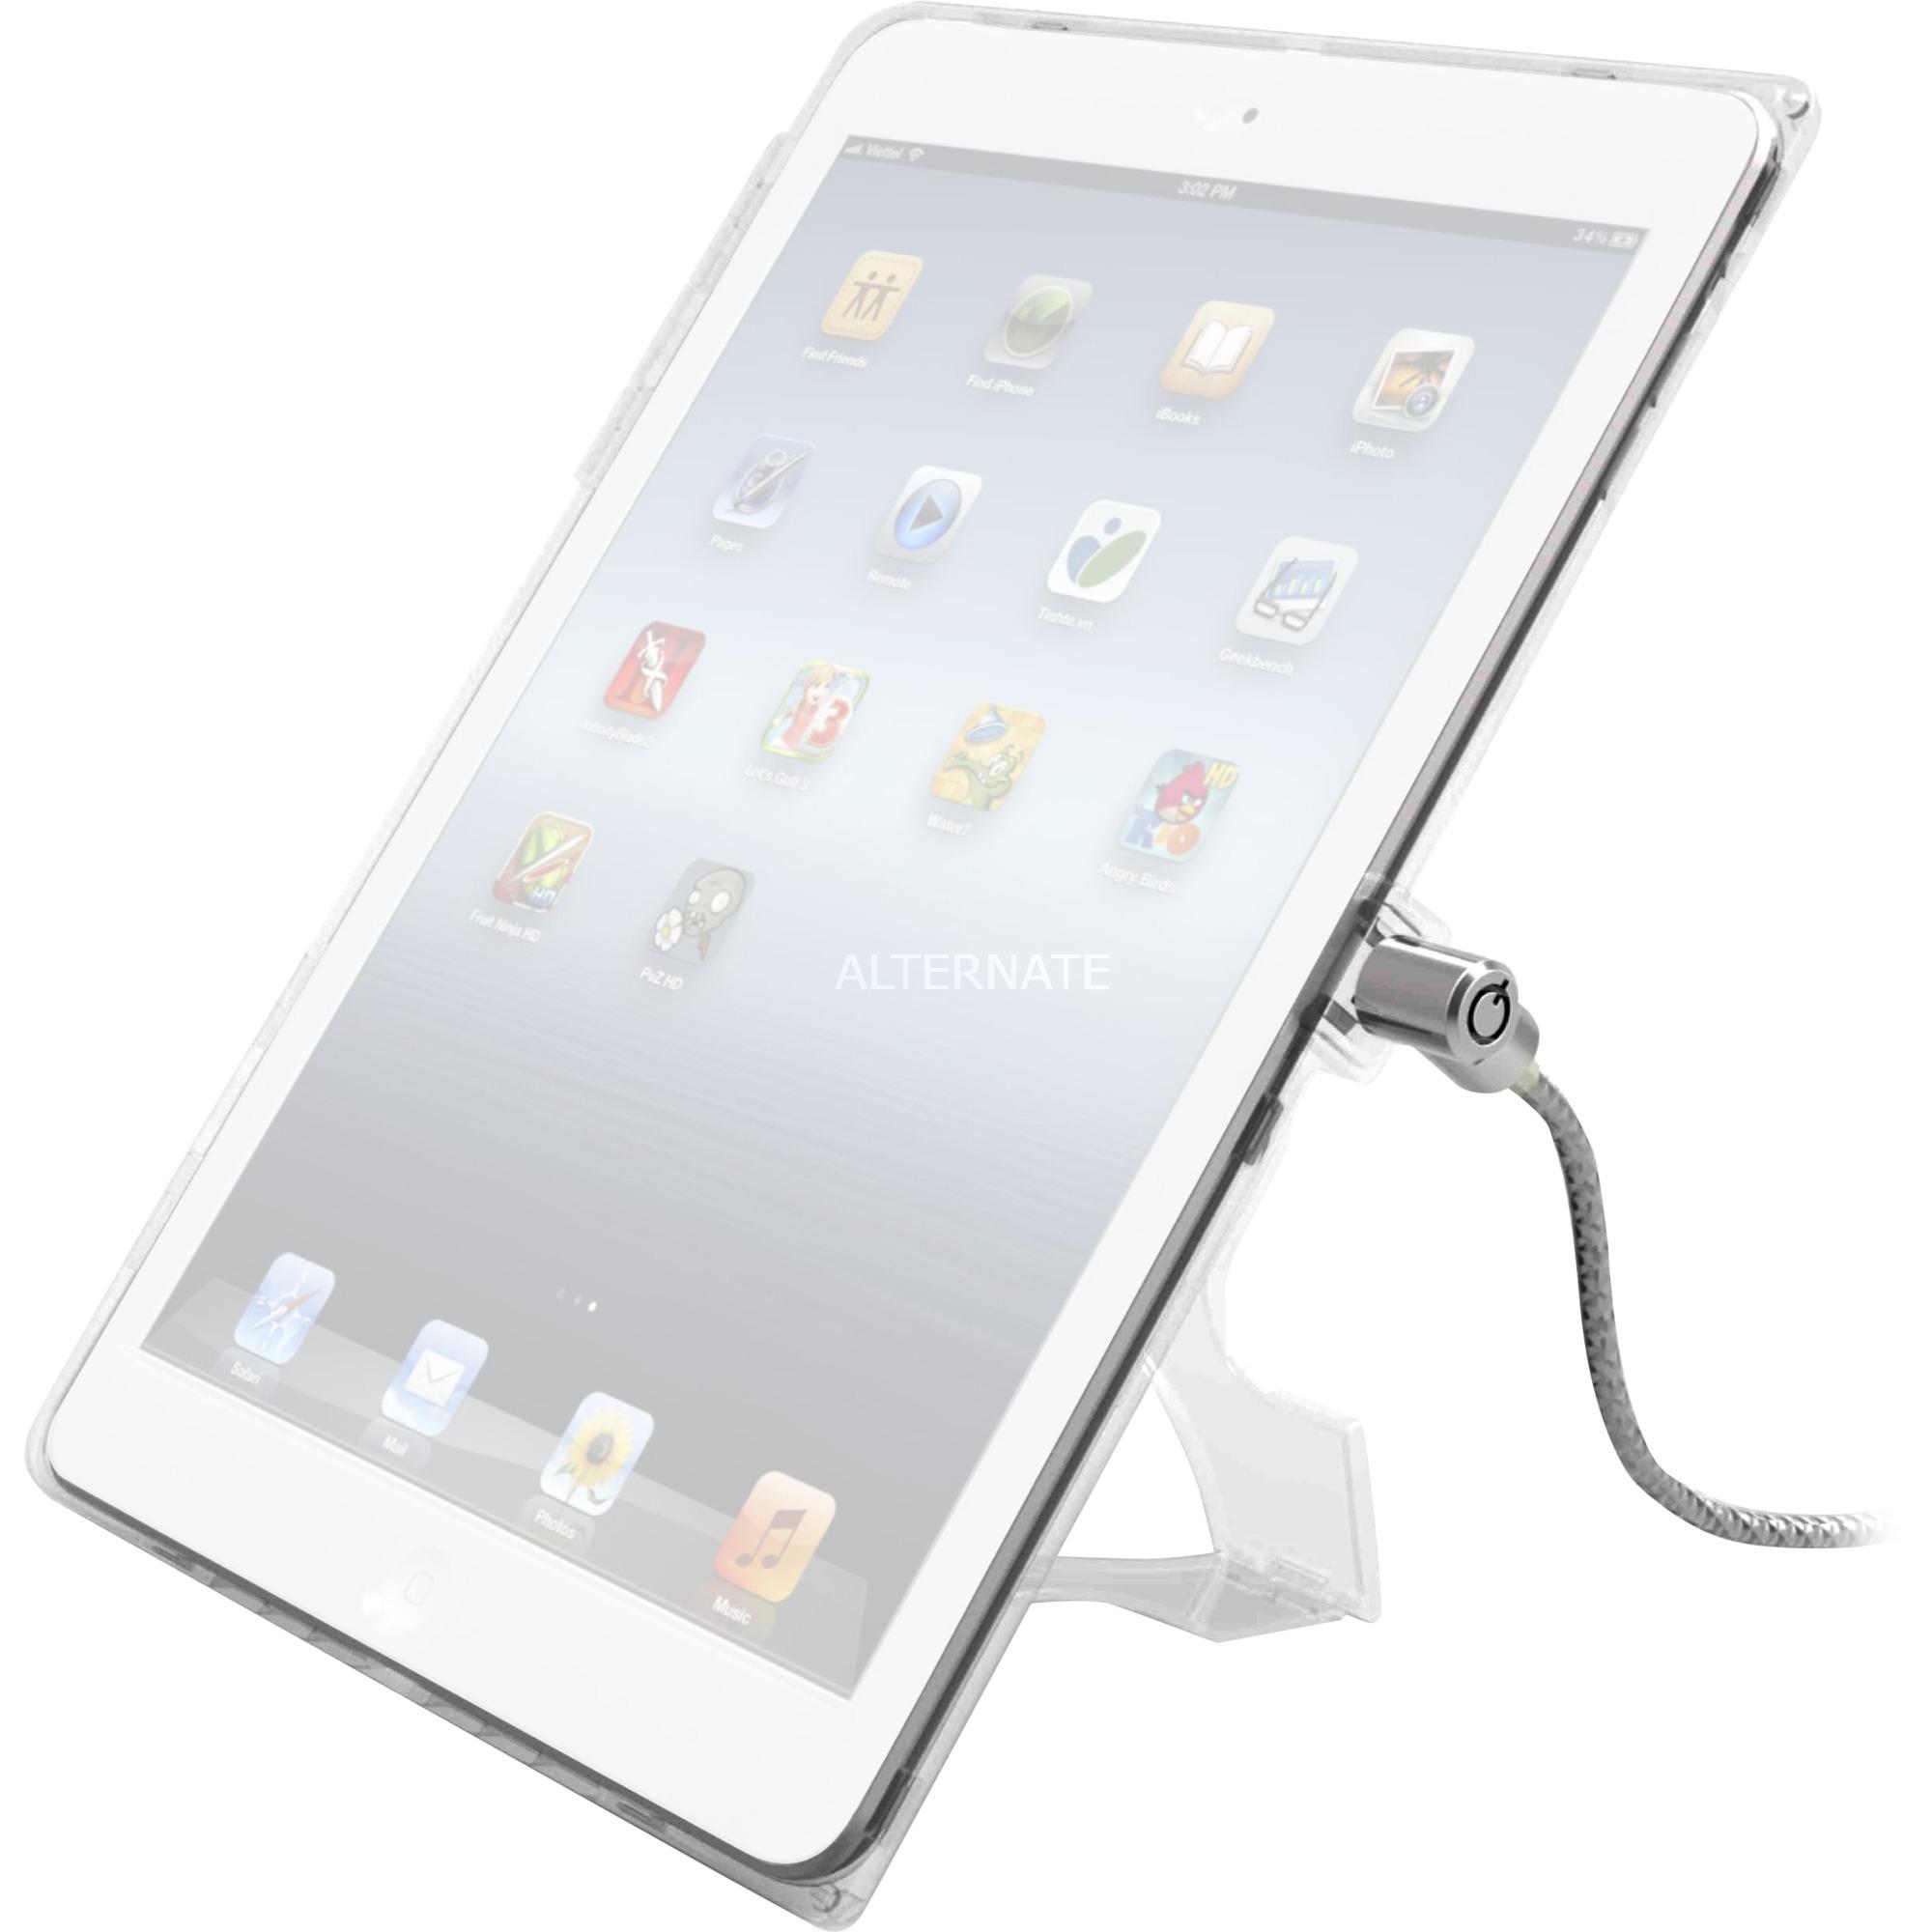 """IPADAIRCB funda para tablet 24,6 cm (9.7"""") Carcasa rígida Blanco, Seguridad"""